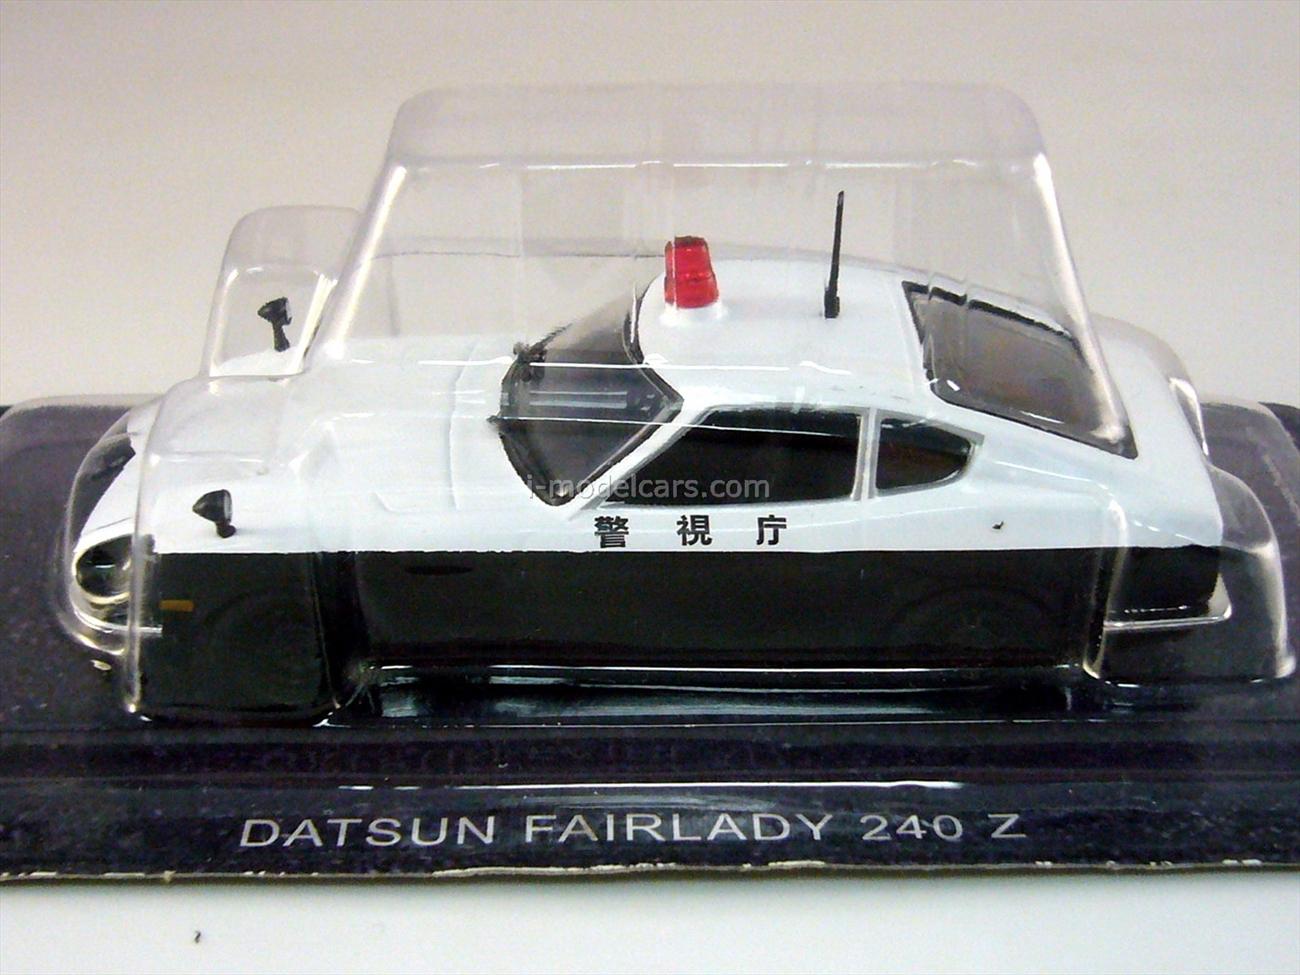 Nissan Fairlady Z (Datsun 240 Z) Japanese 1:43 DeAgostini World's Police Car #5